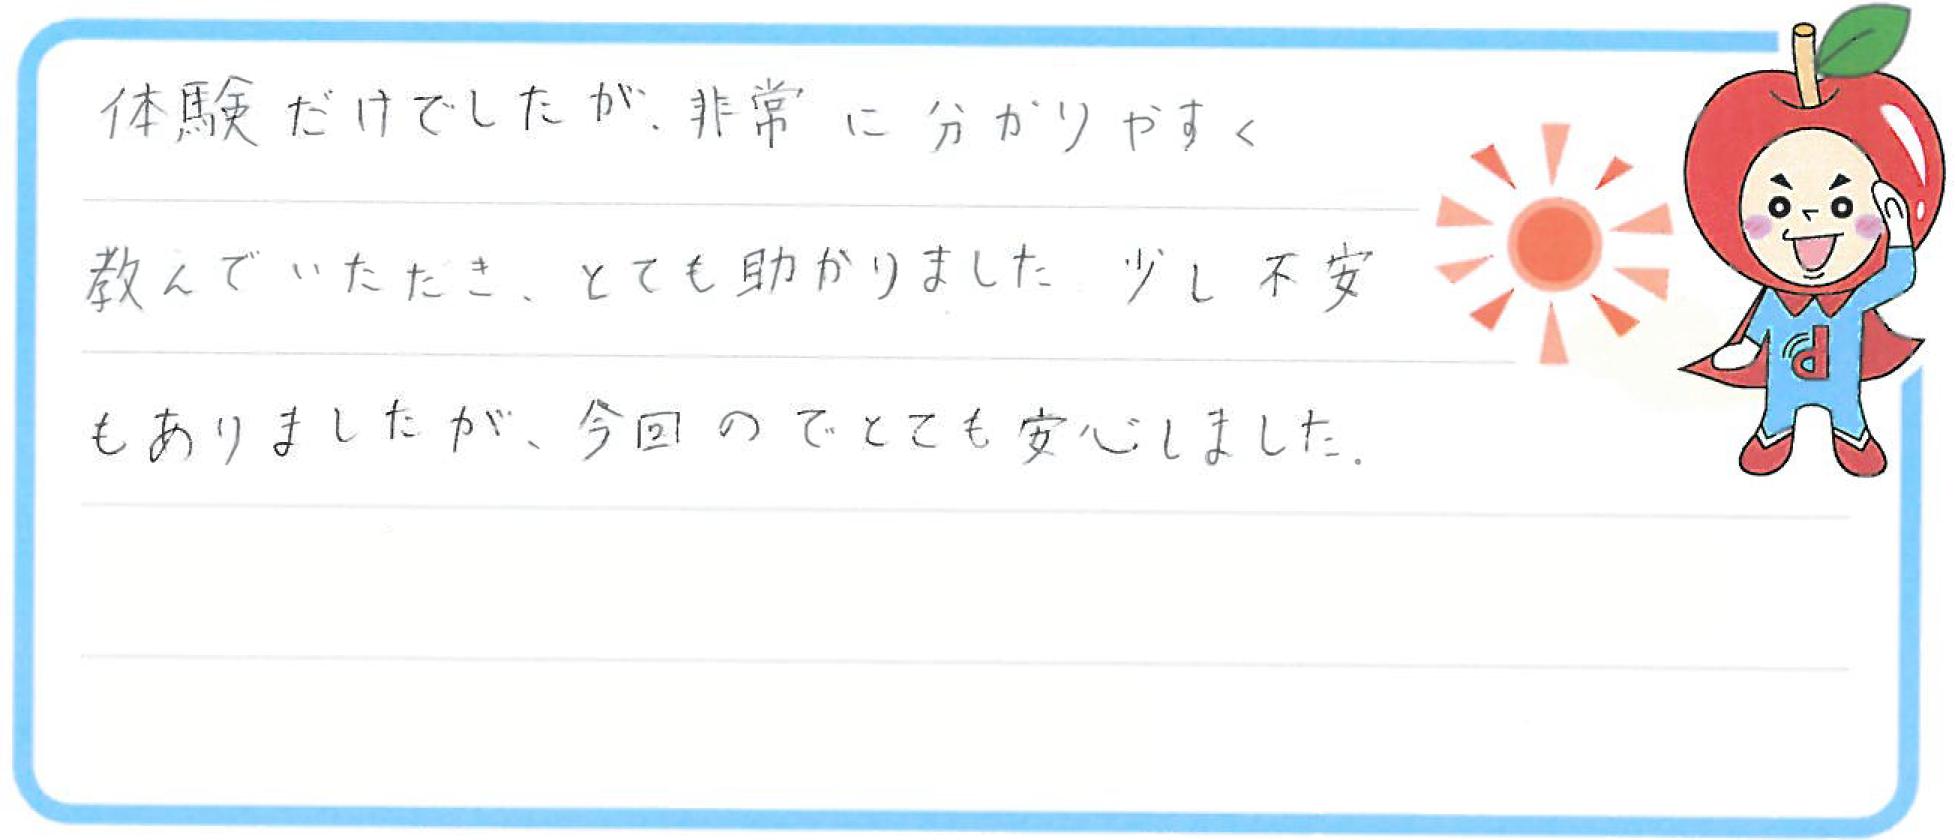 Aちゃん(敦賀市)からの口コミ